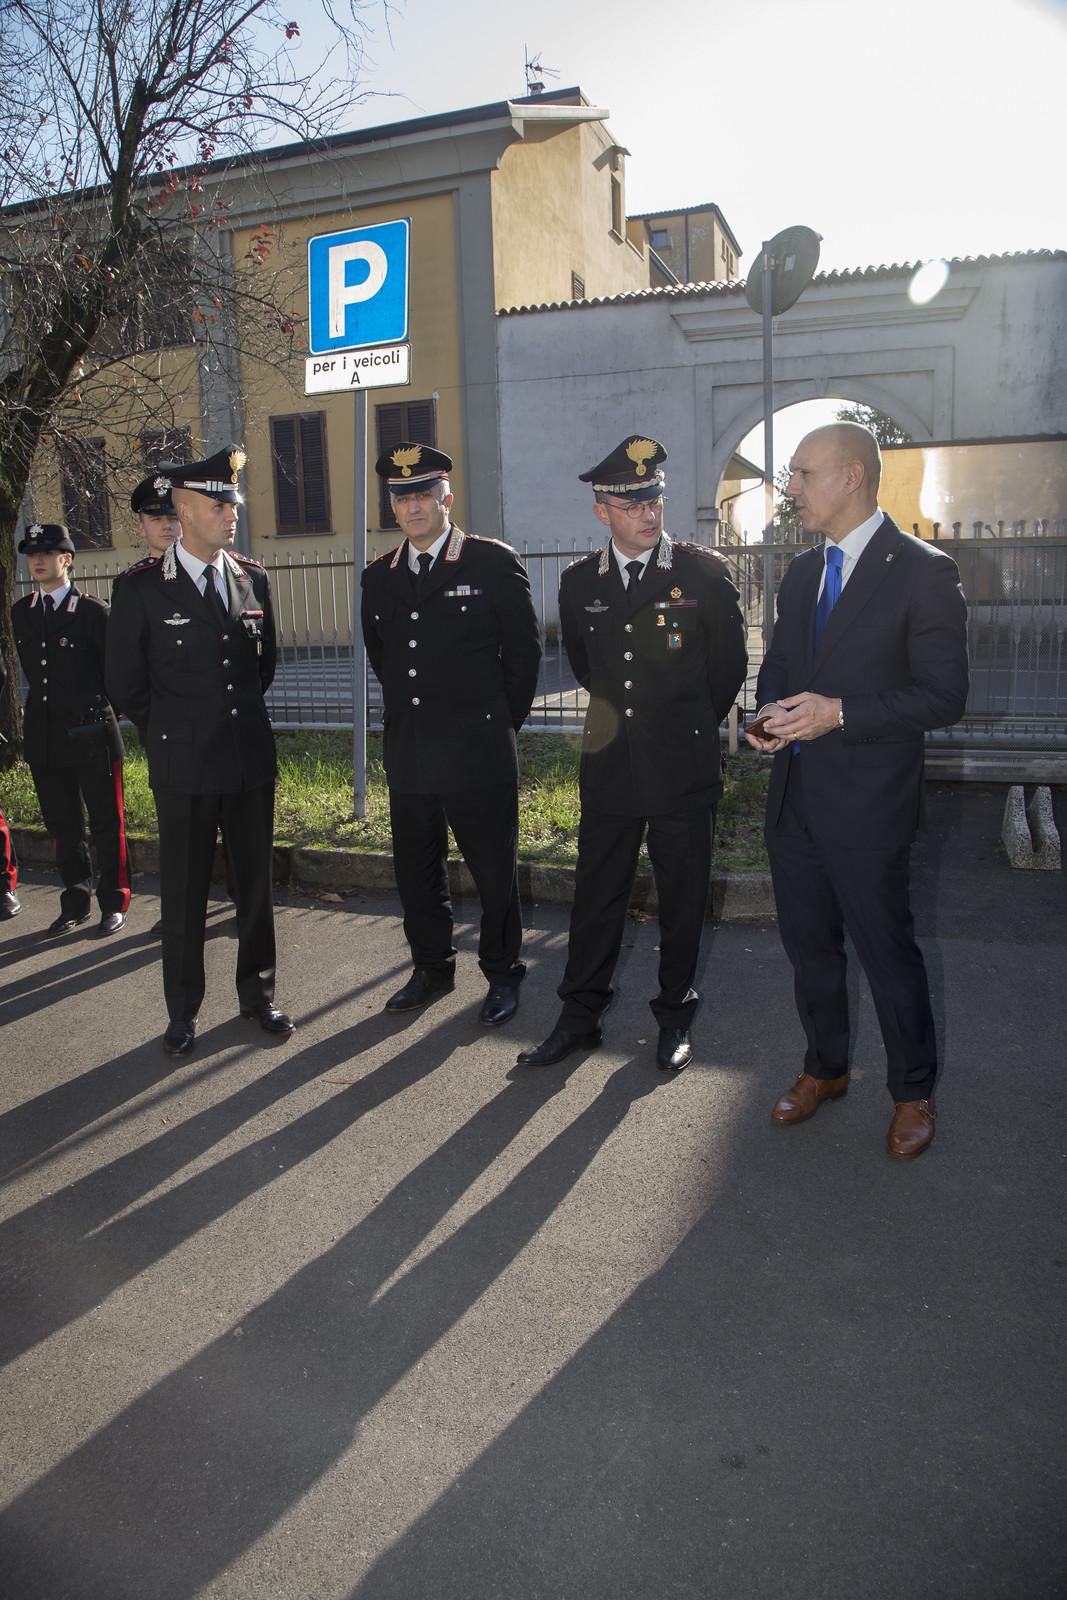 In dono all'Arma dei Carabinieri una nuova autovettura